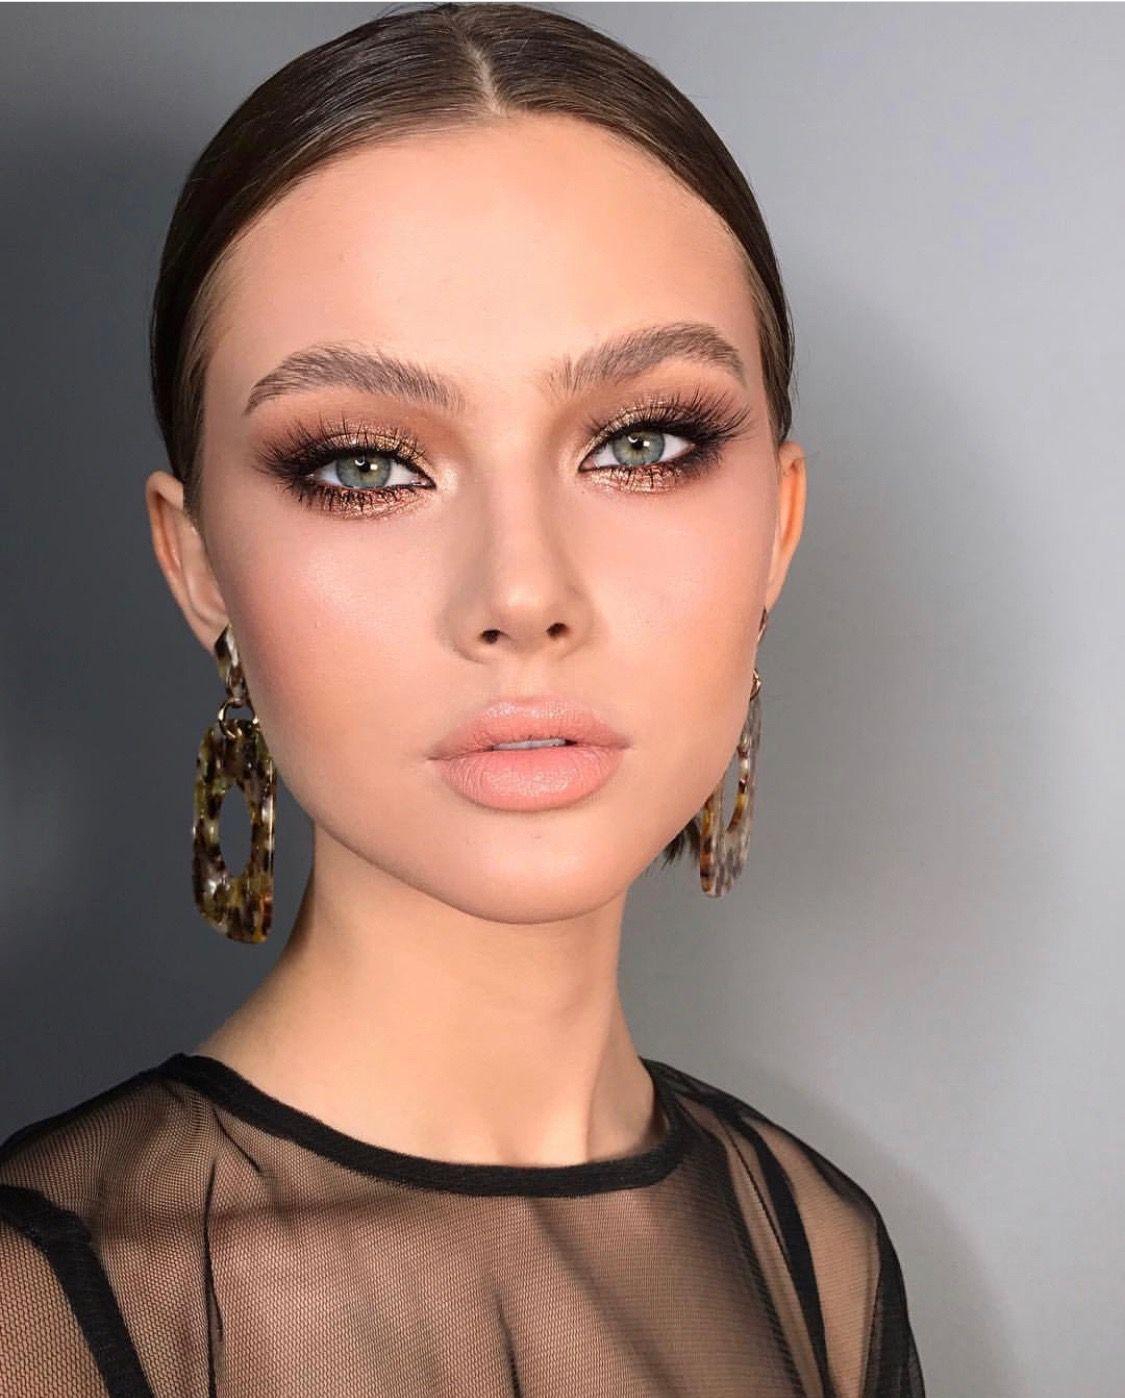 piminova_valery Natural wedding makeup, Makeup